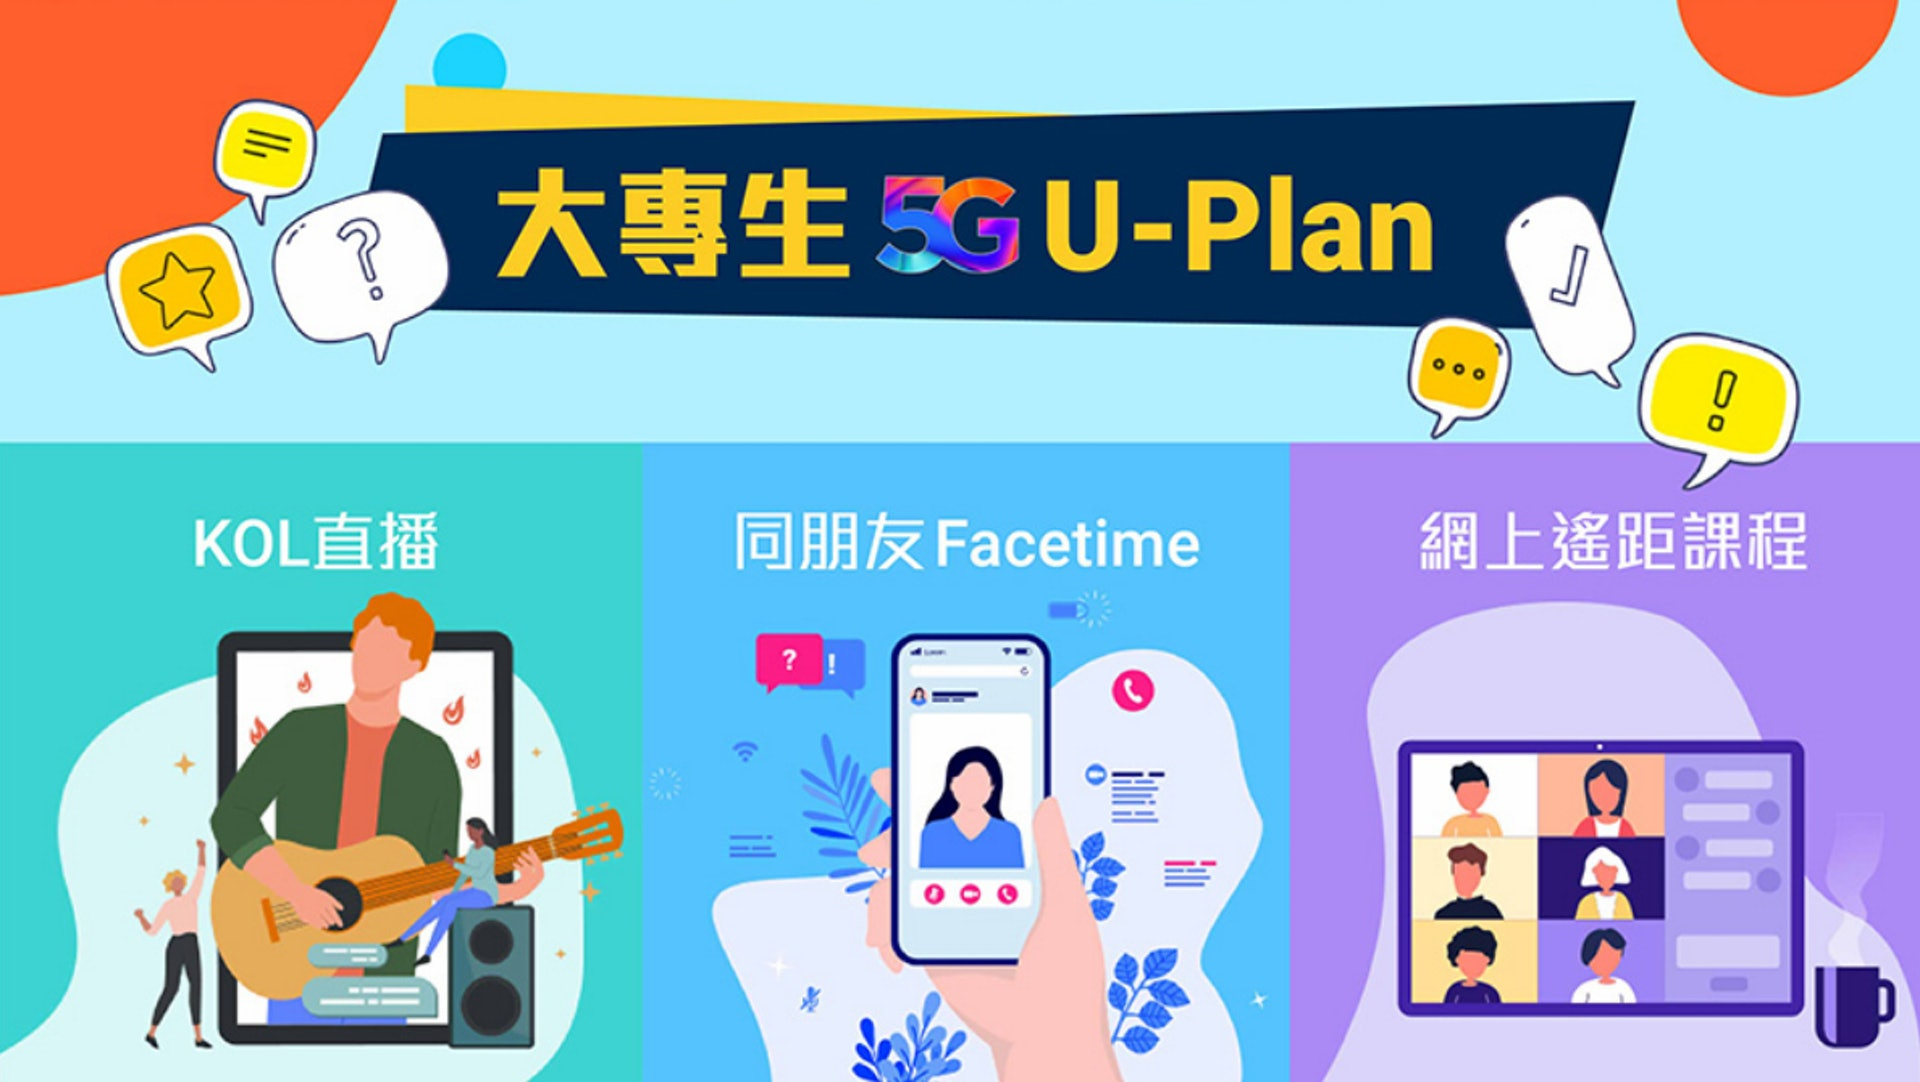 csl.大專生5G U-plan(csl.網頁截圖)